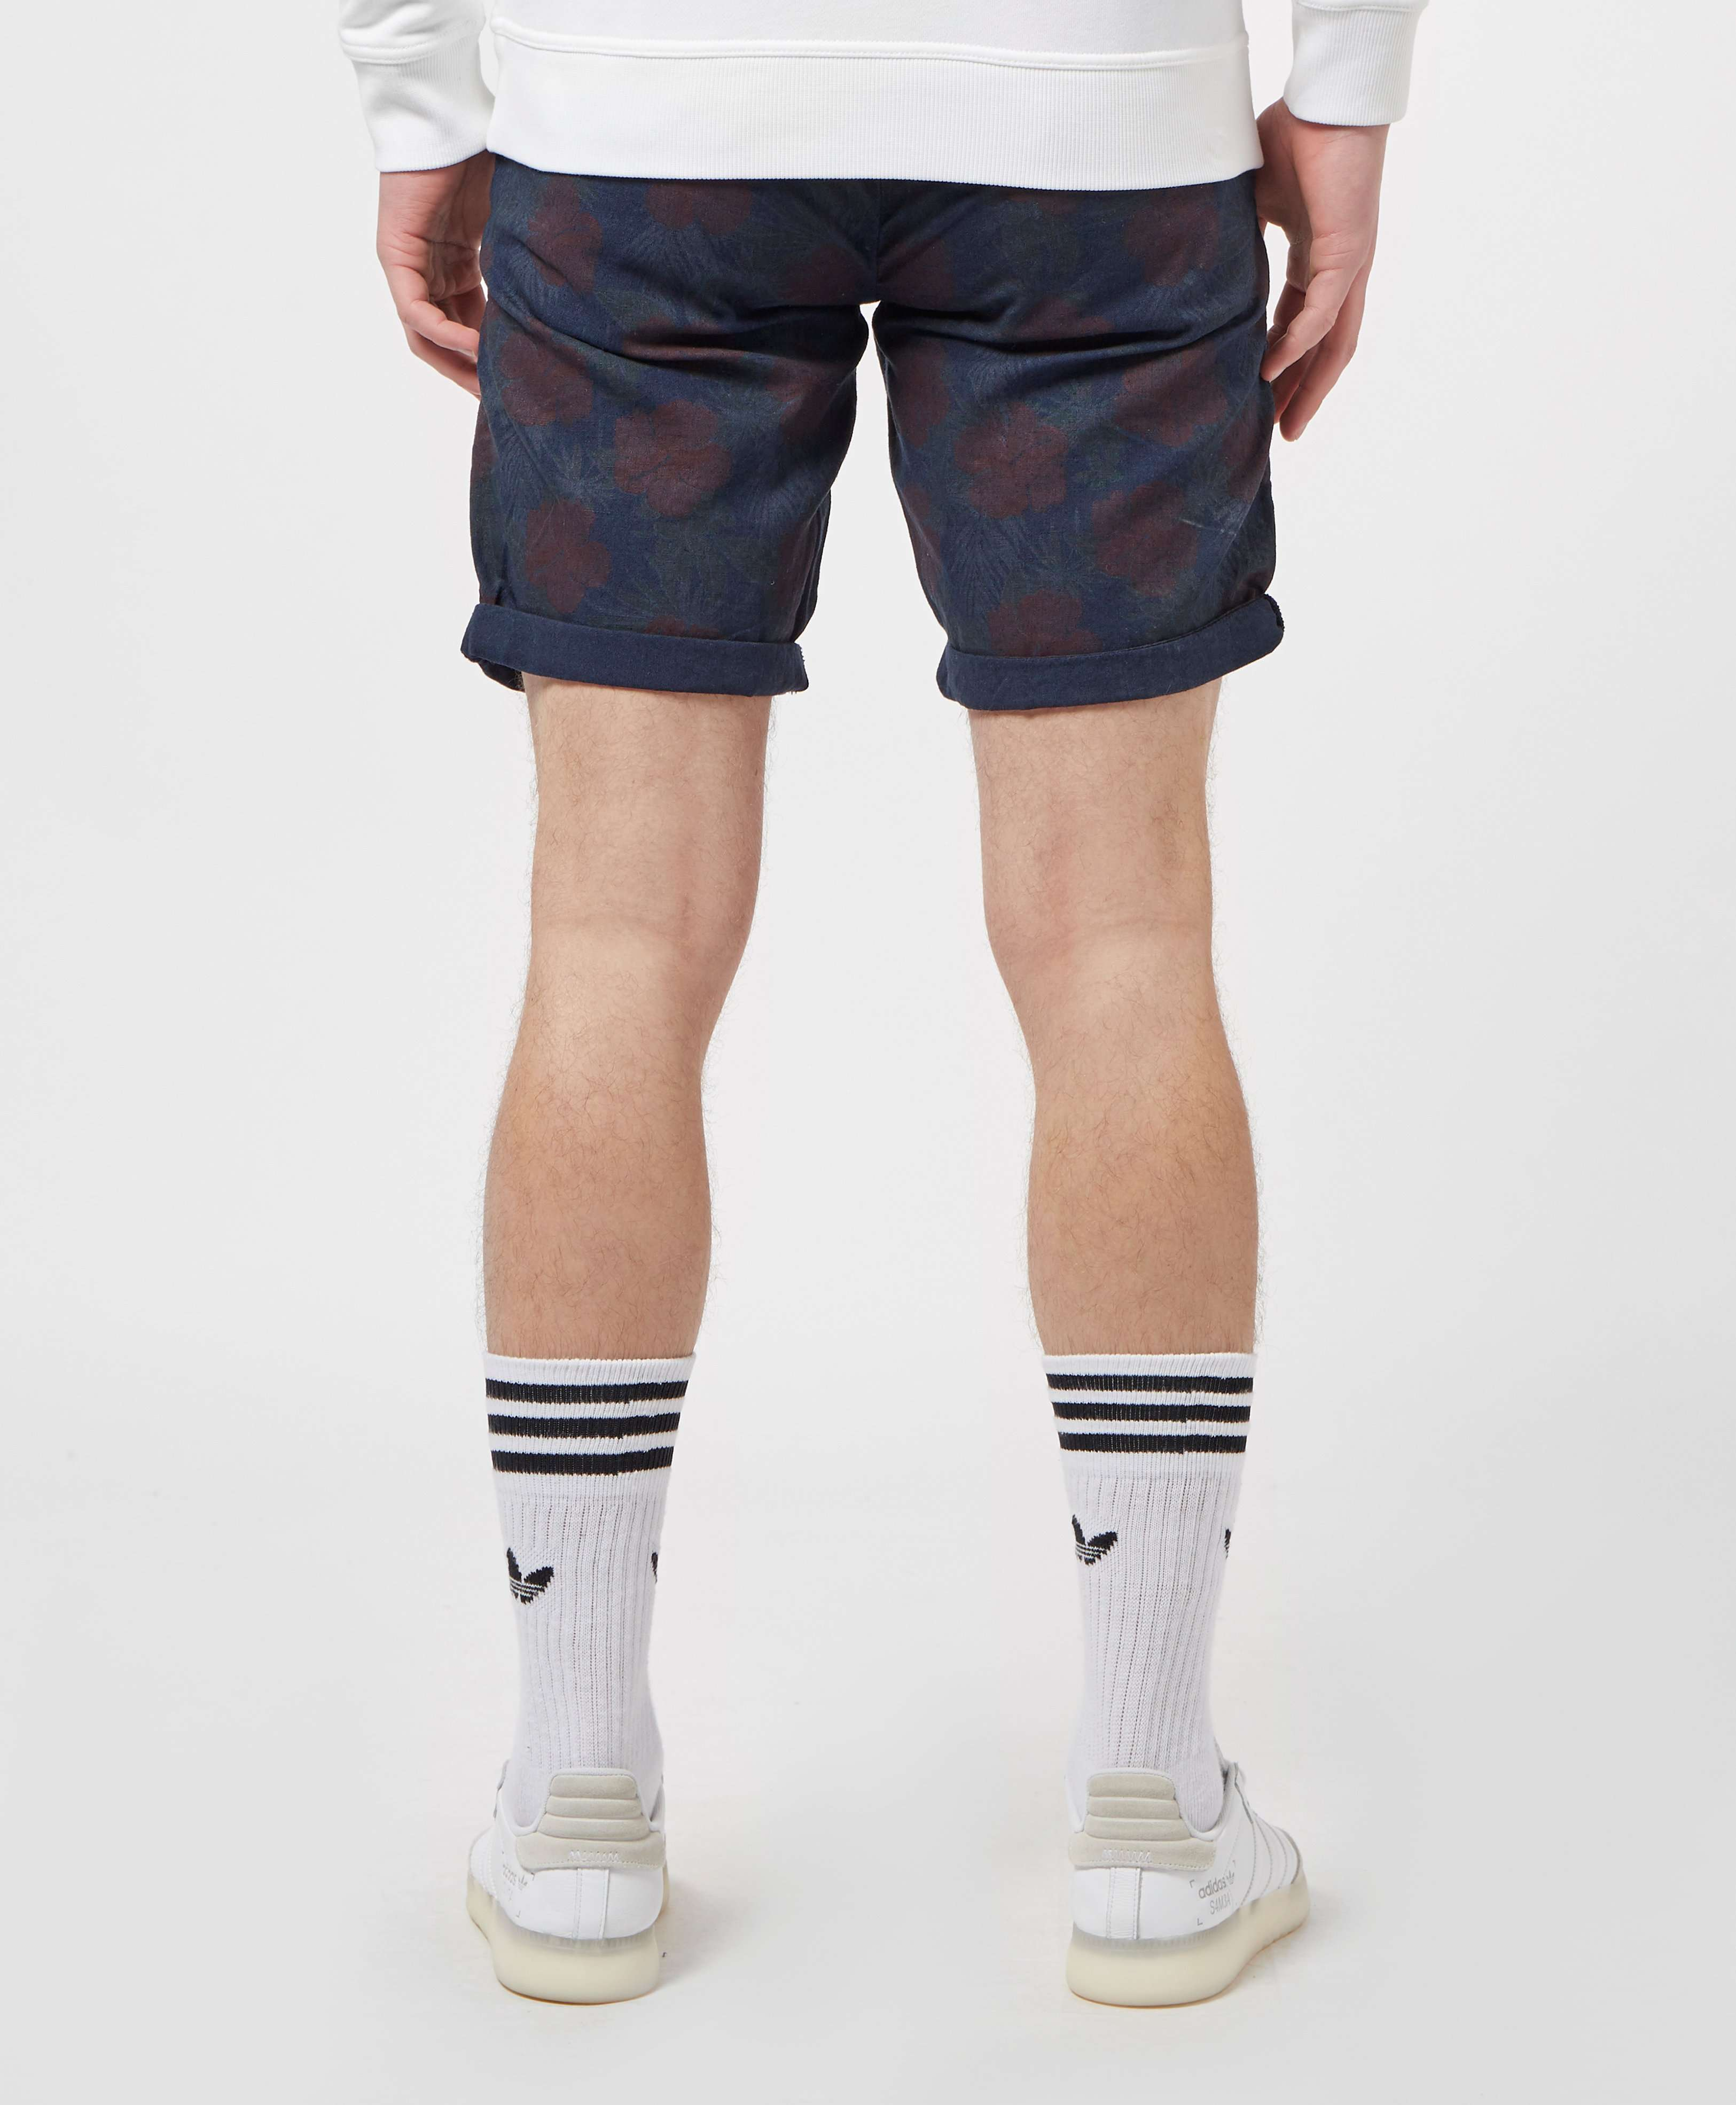 Guess Myron Floral Chino Shorts